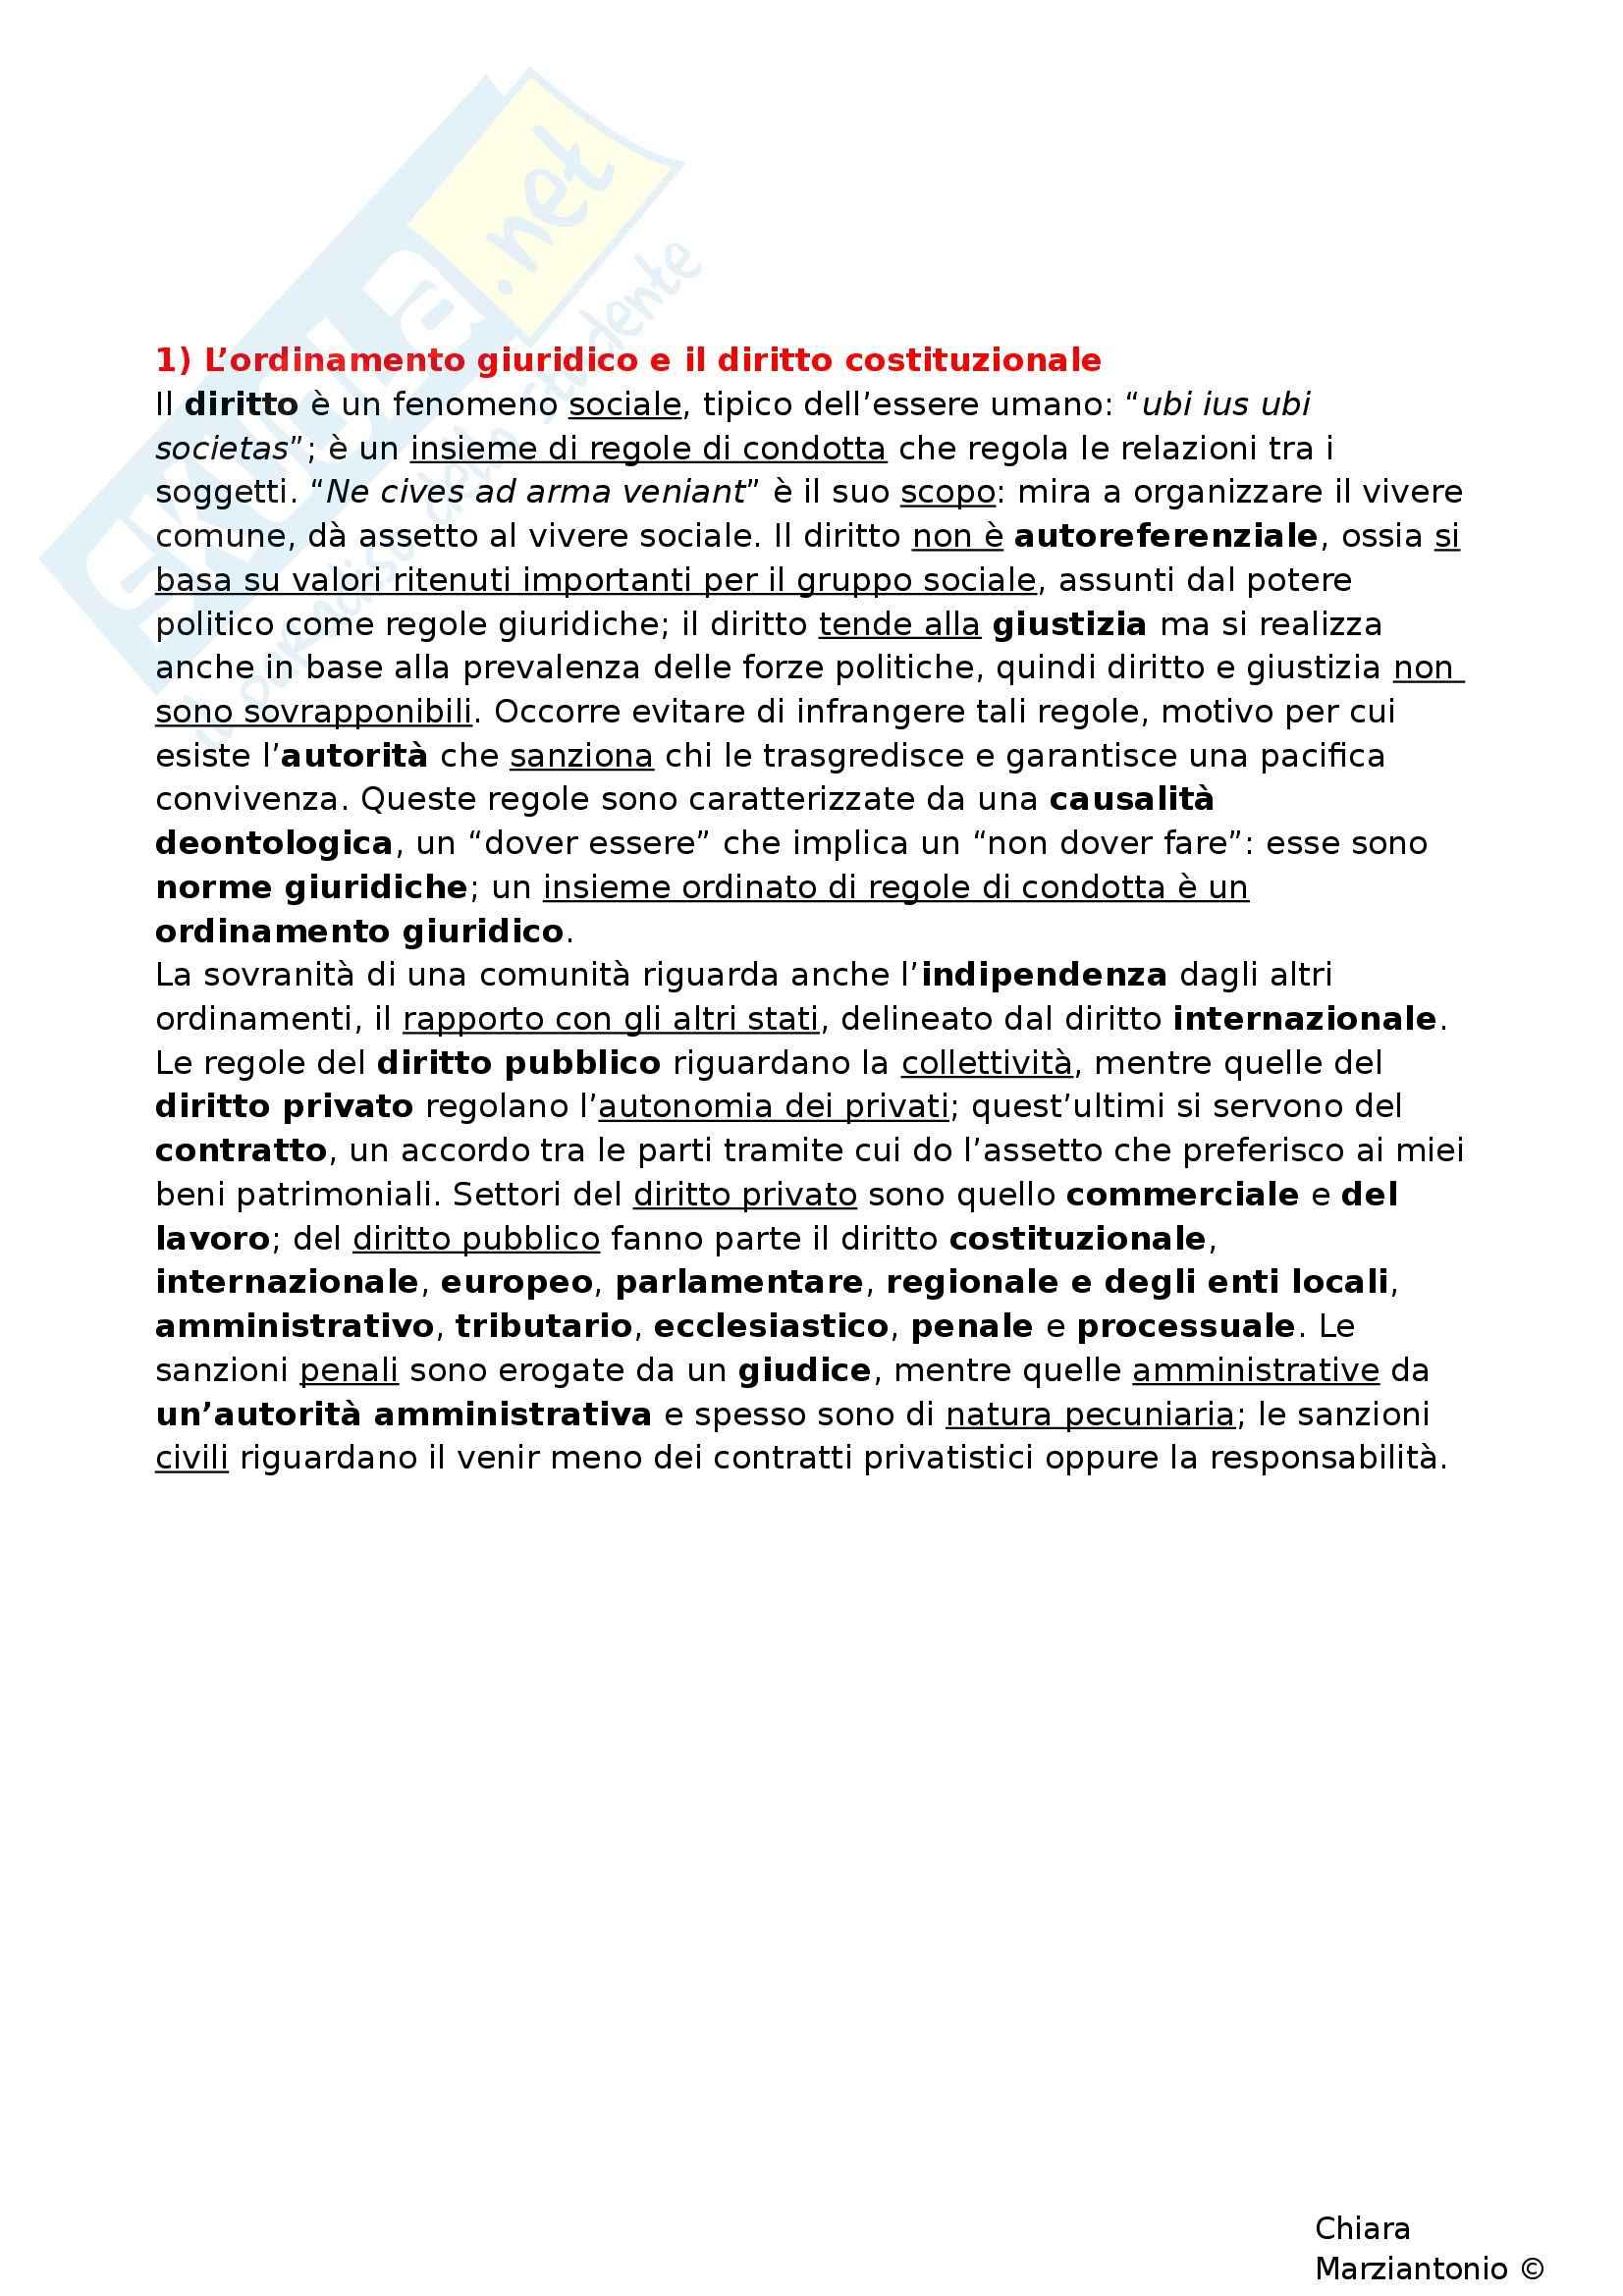 Riassunto esame Istituzioni di Diritto Pubblico, prof. Corsi, libro consigliato Corso di Diritto Pubblico, Barbera, Fusaro - cap. 1